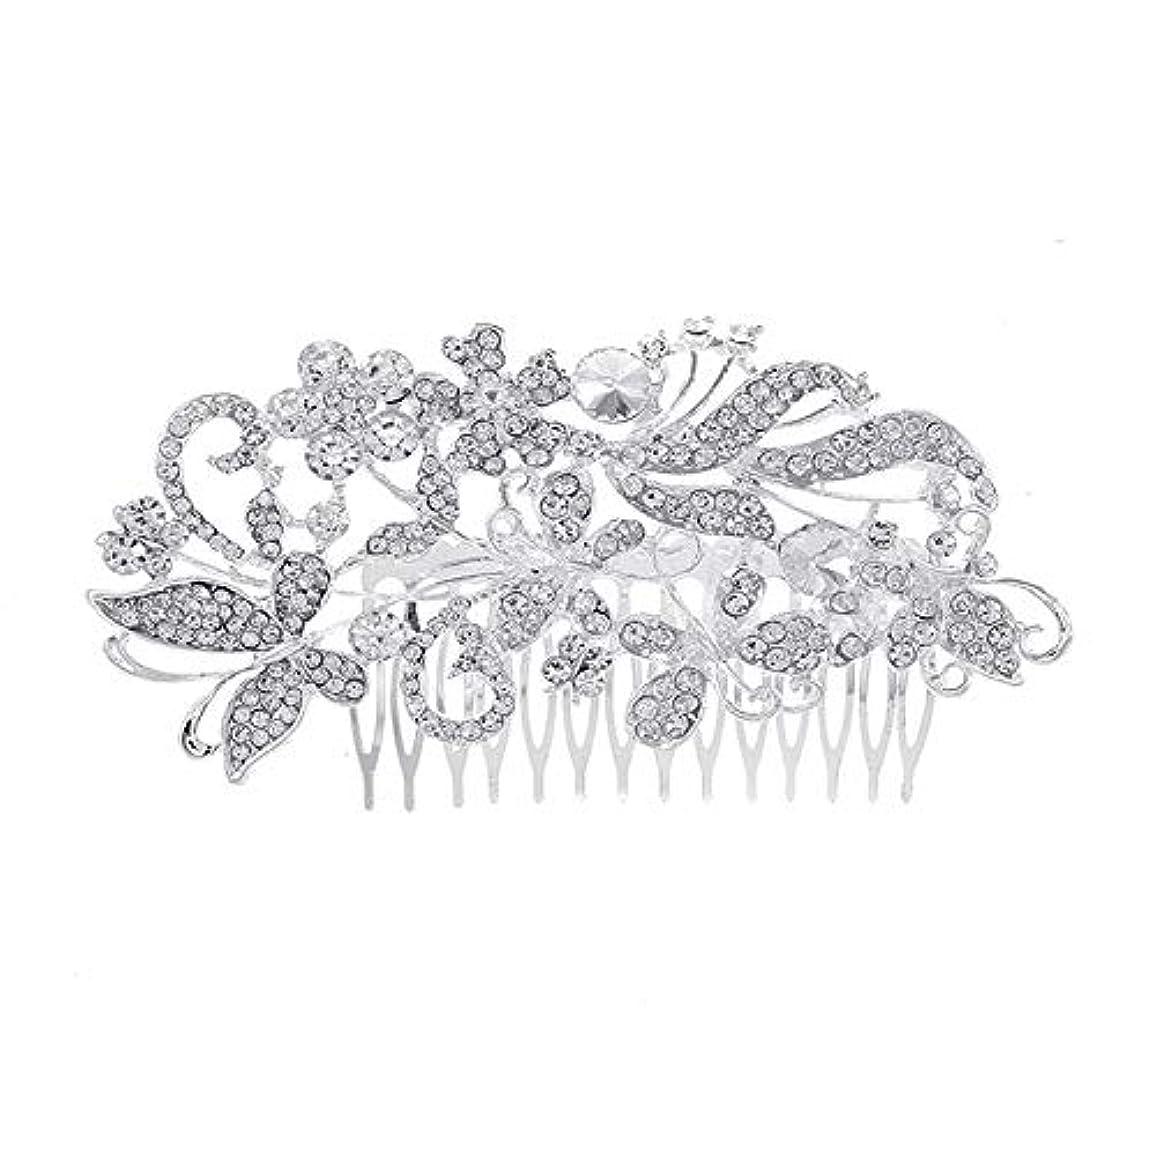 例人生を作るブラウス髪の櫛、櫛、花嫁の髪の櫛、亜鉛合金、結婚式のアクセサリー、櫛